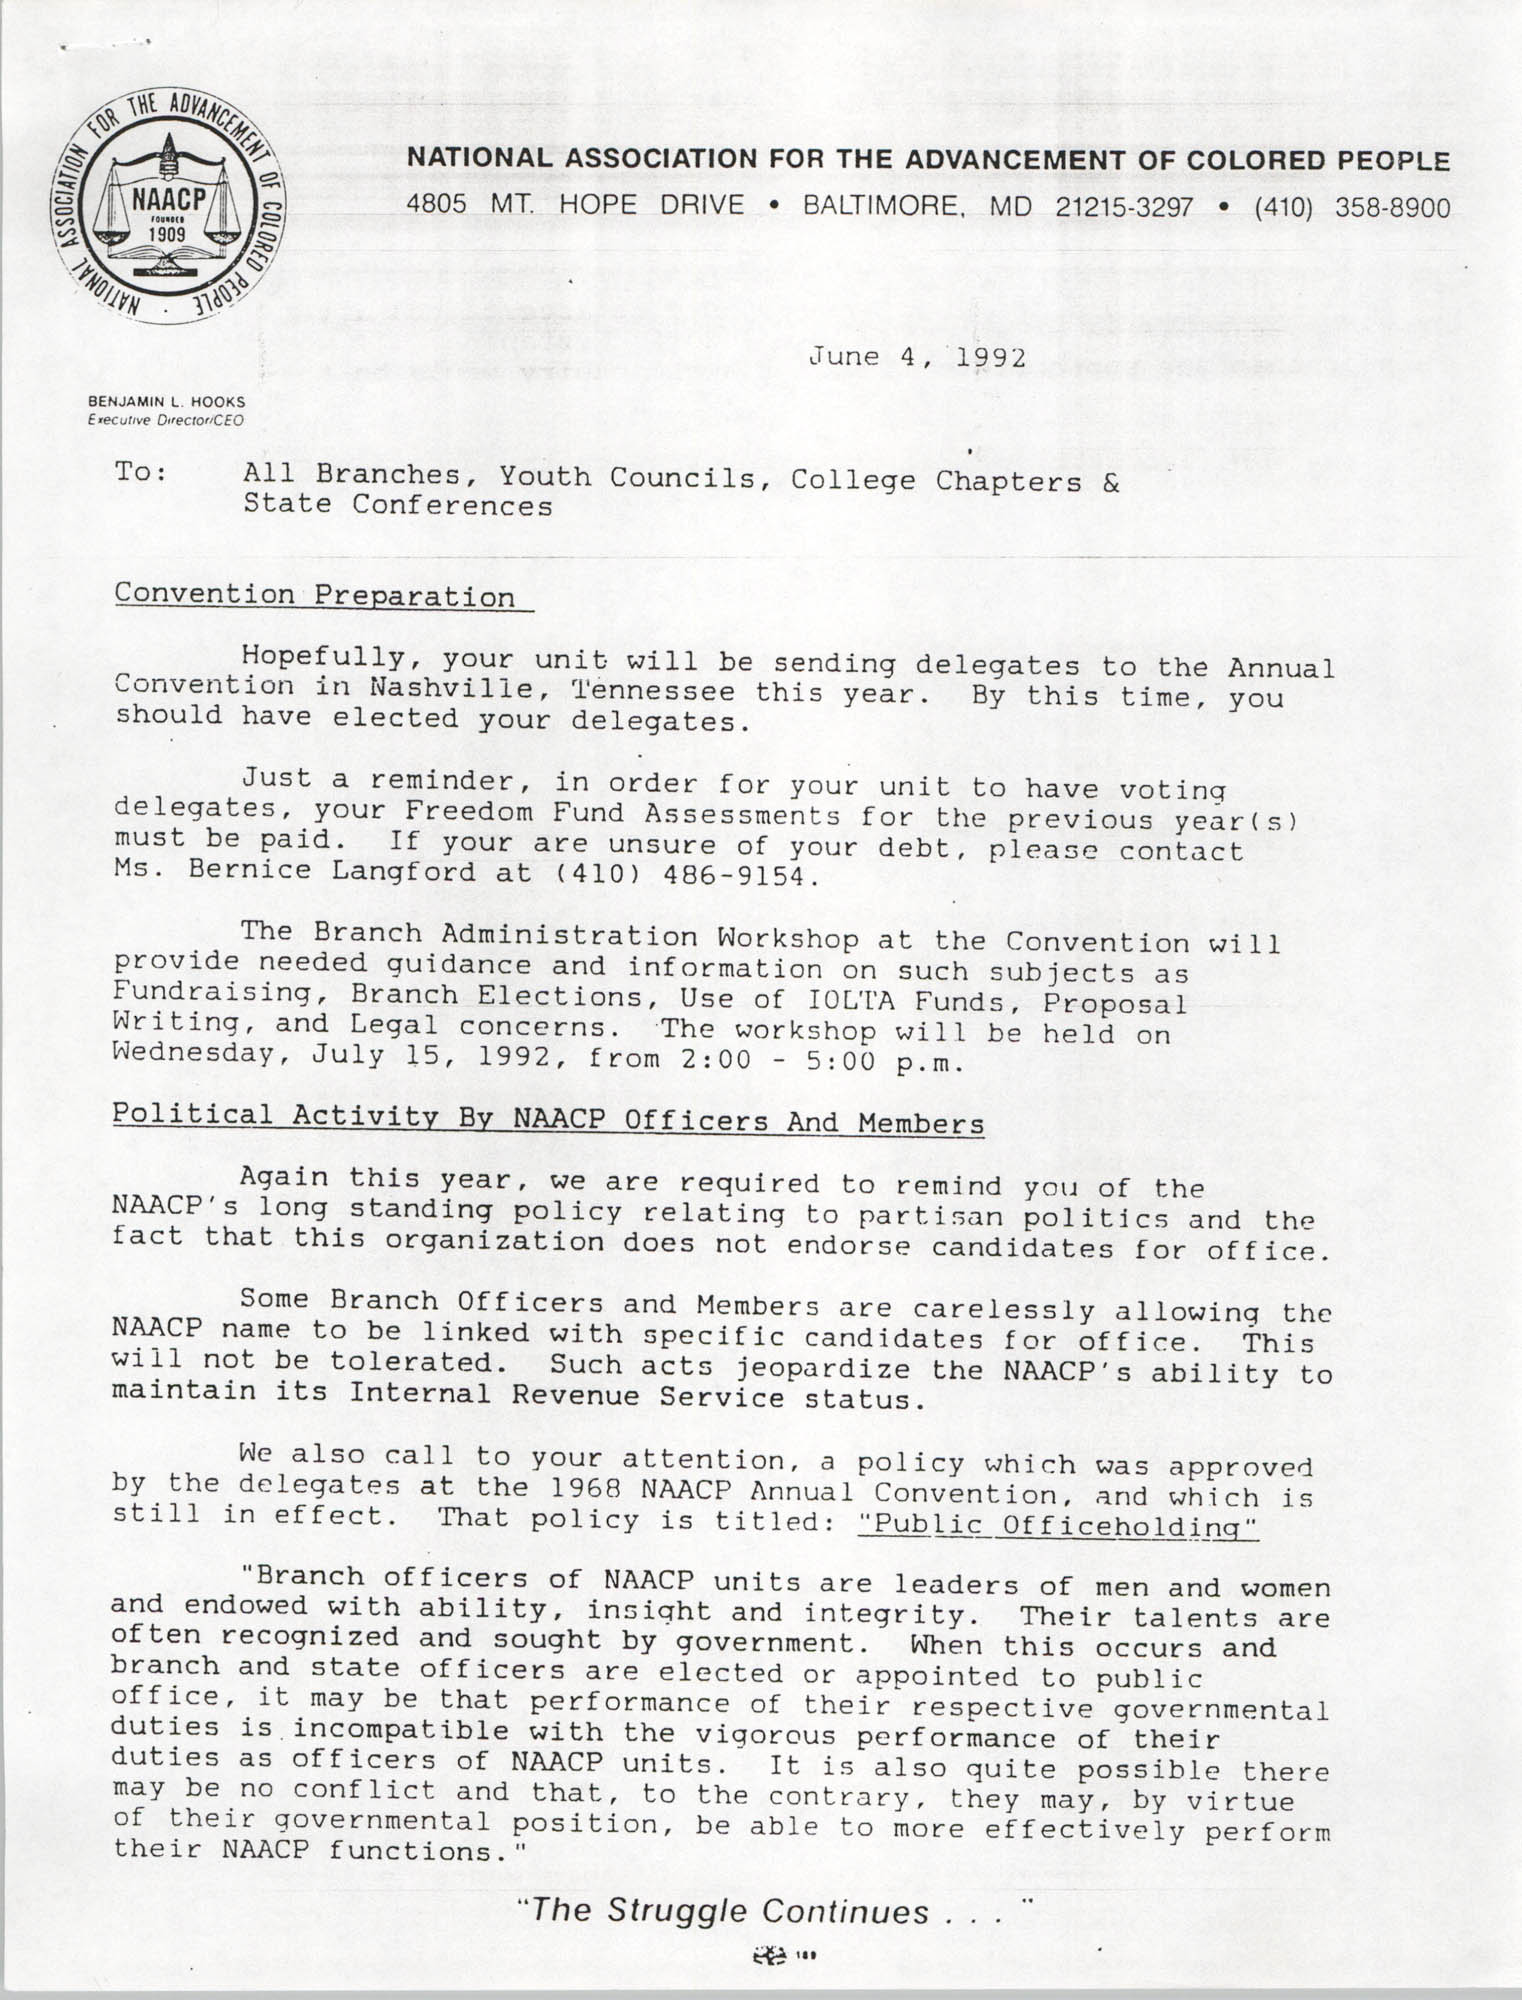 NAACP Memorandum, June 4, 1992